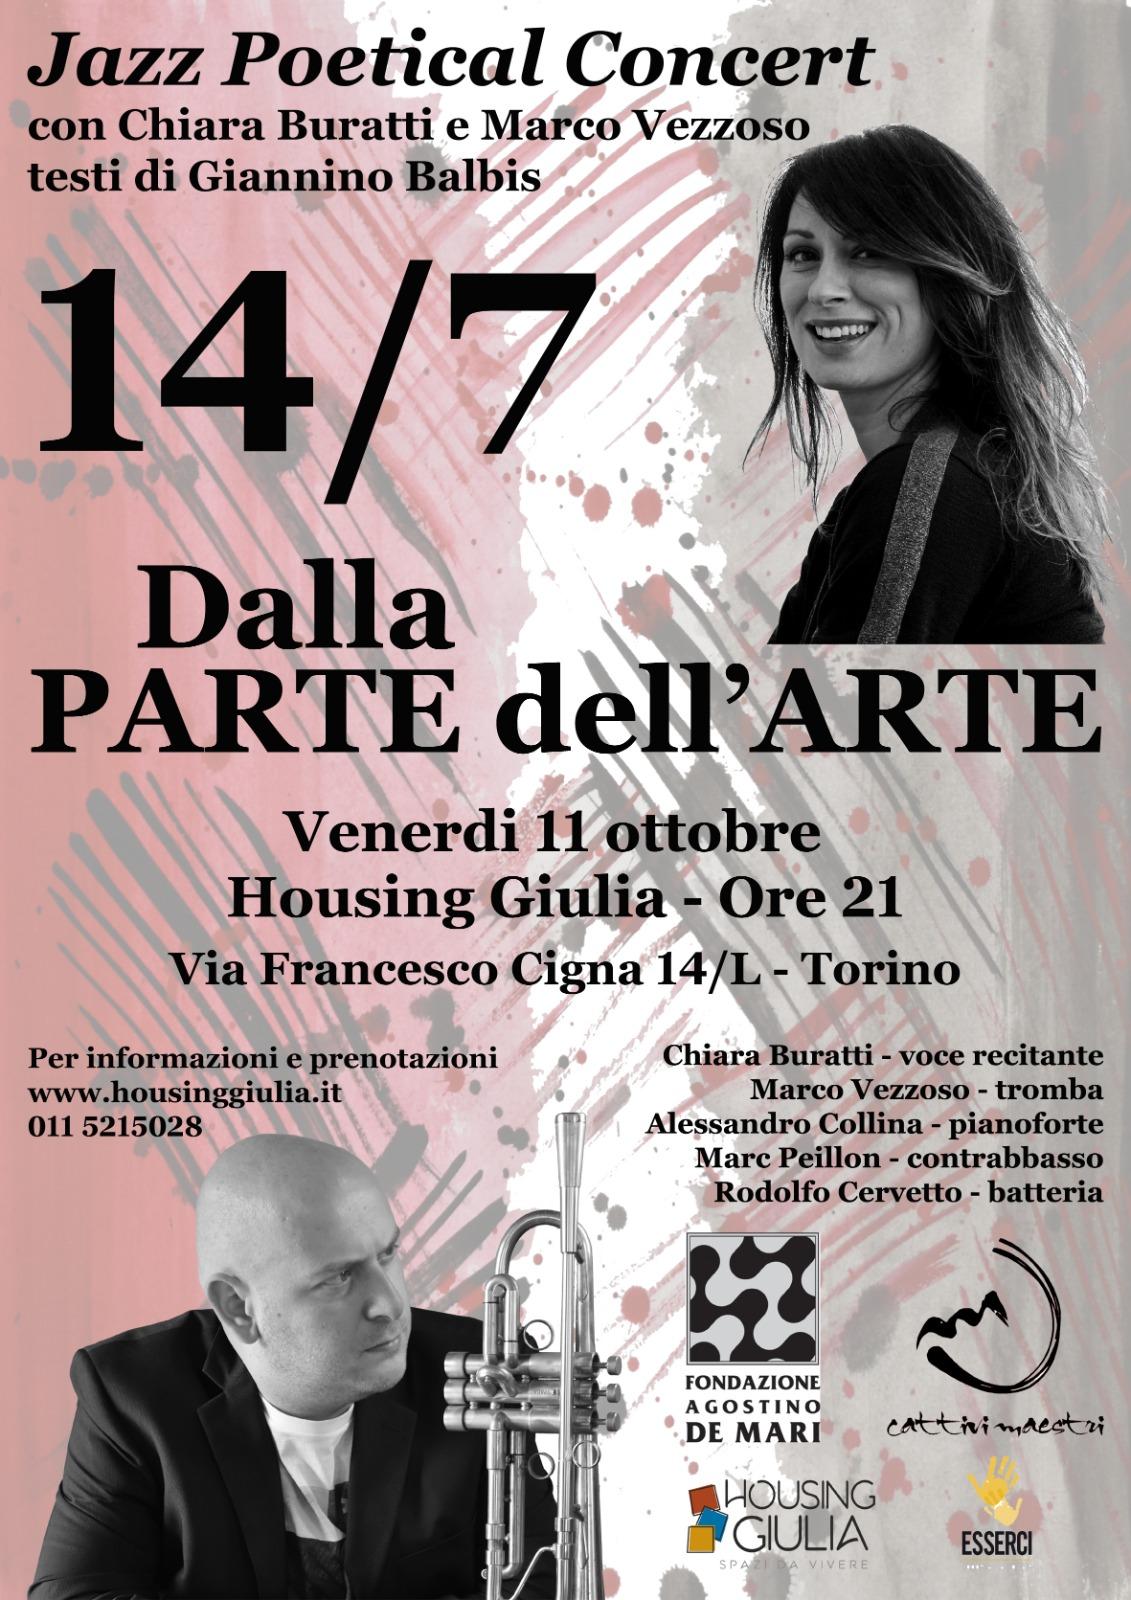 14/7 Dalla PARTE Dell'ARTE